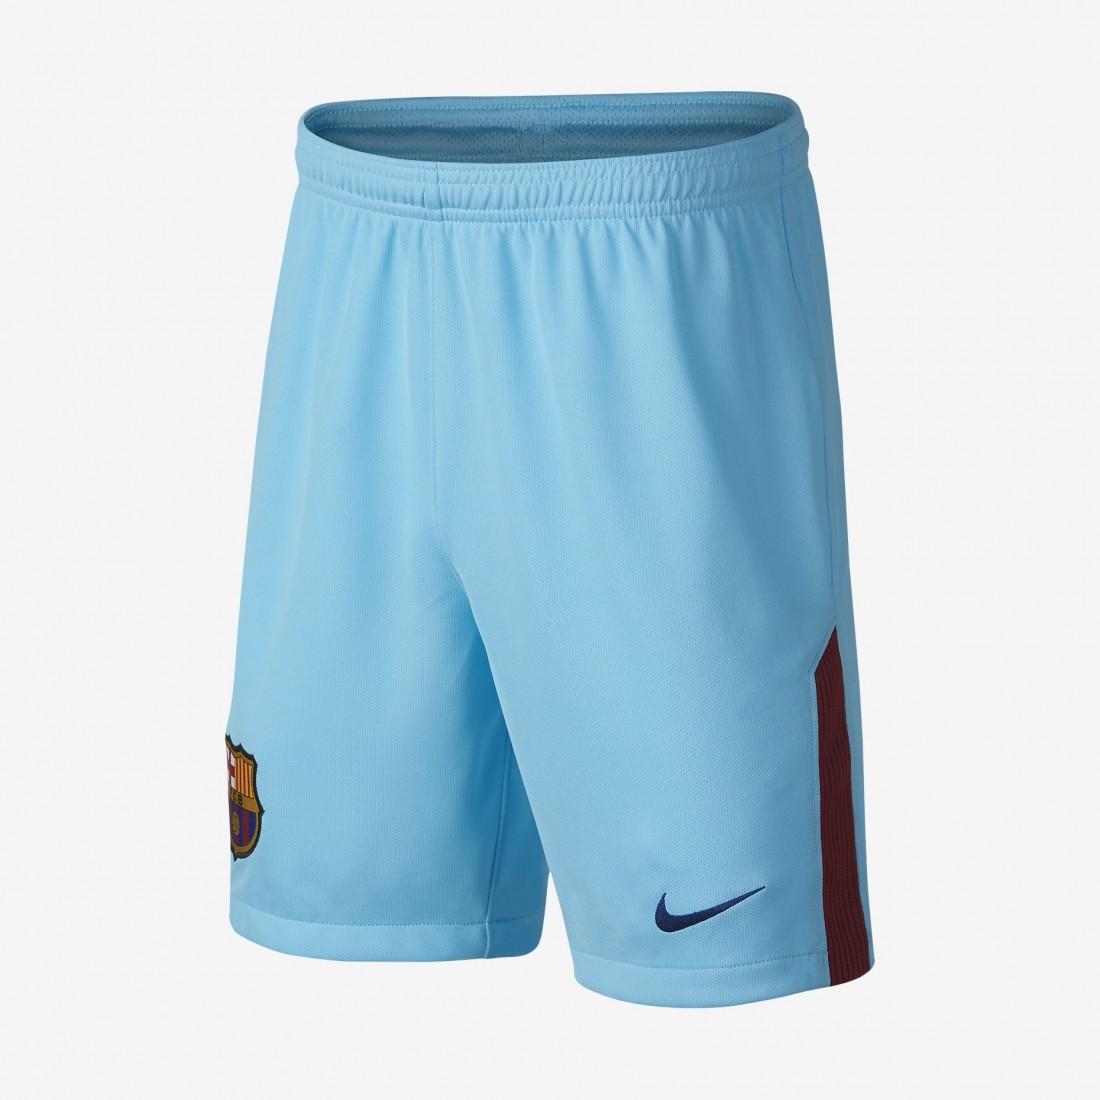 ff4e7aa9bb5 ... Nike Barcelona мъжки футболни шорти Барселона Найк Away Shorts 2017  2018 нов сезон гостуващи оригинални